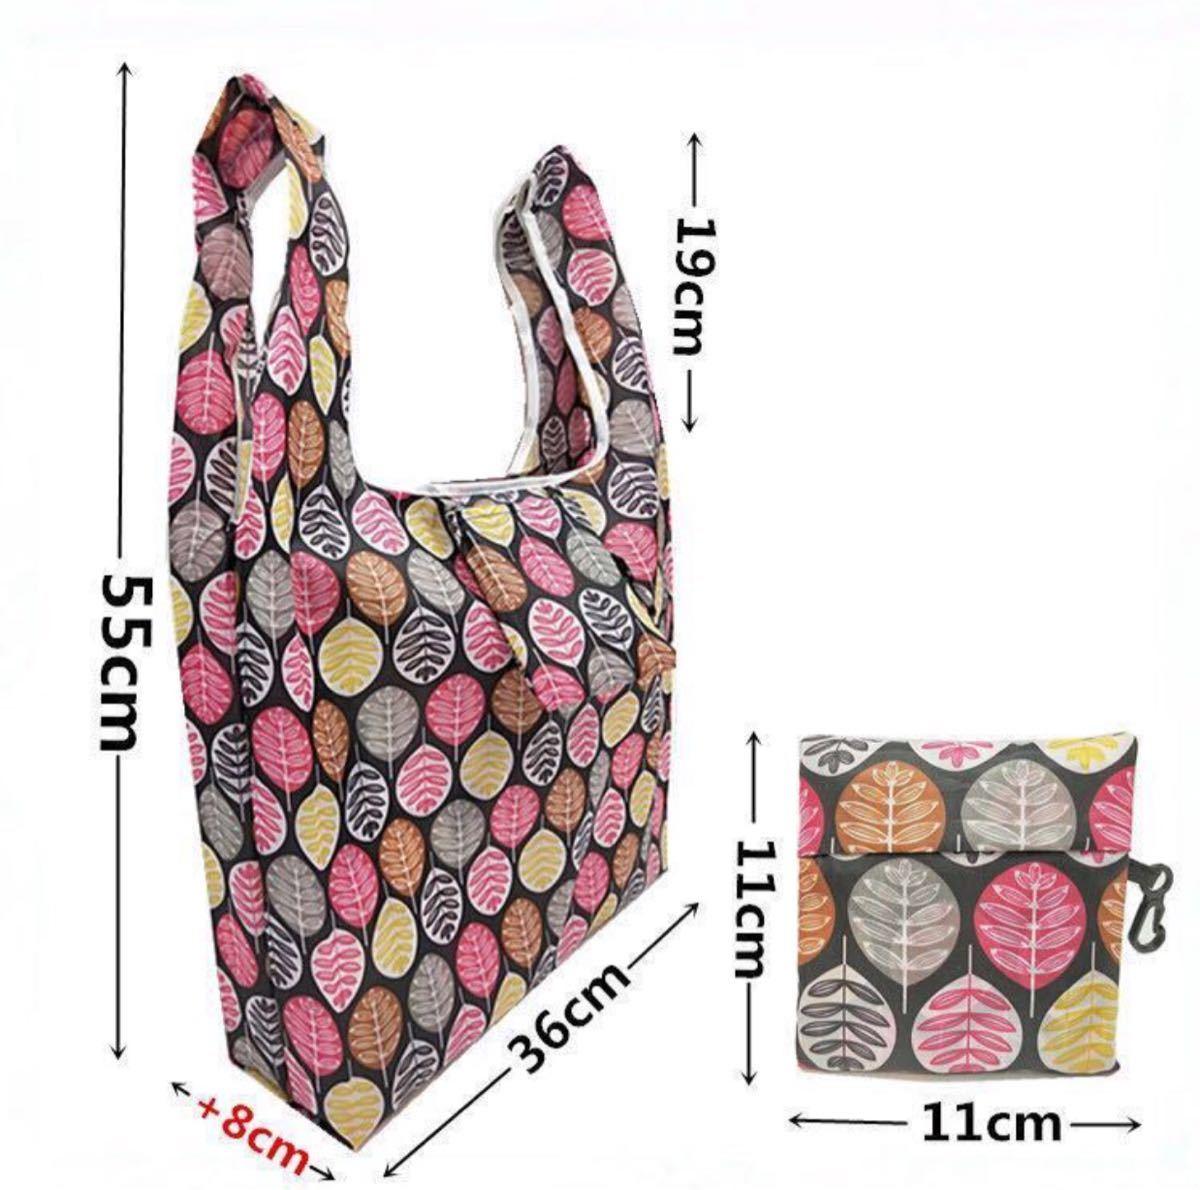 エコバッグ 折りたたみ 大人気 大容量 ショッピングバック防水買物袋 2枚セット